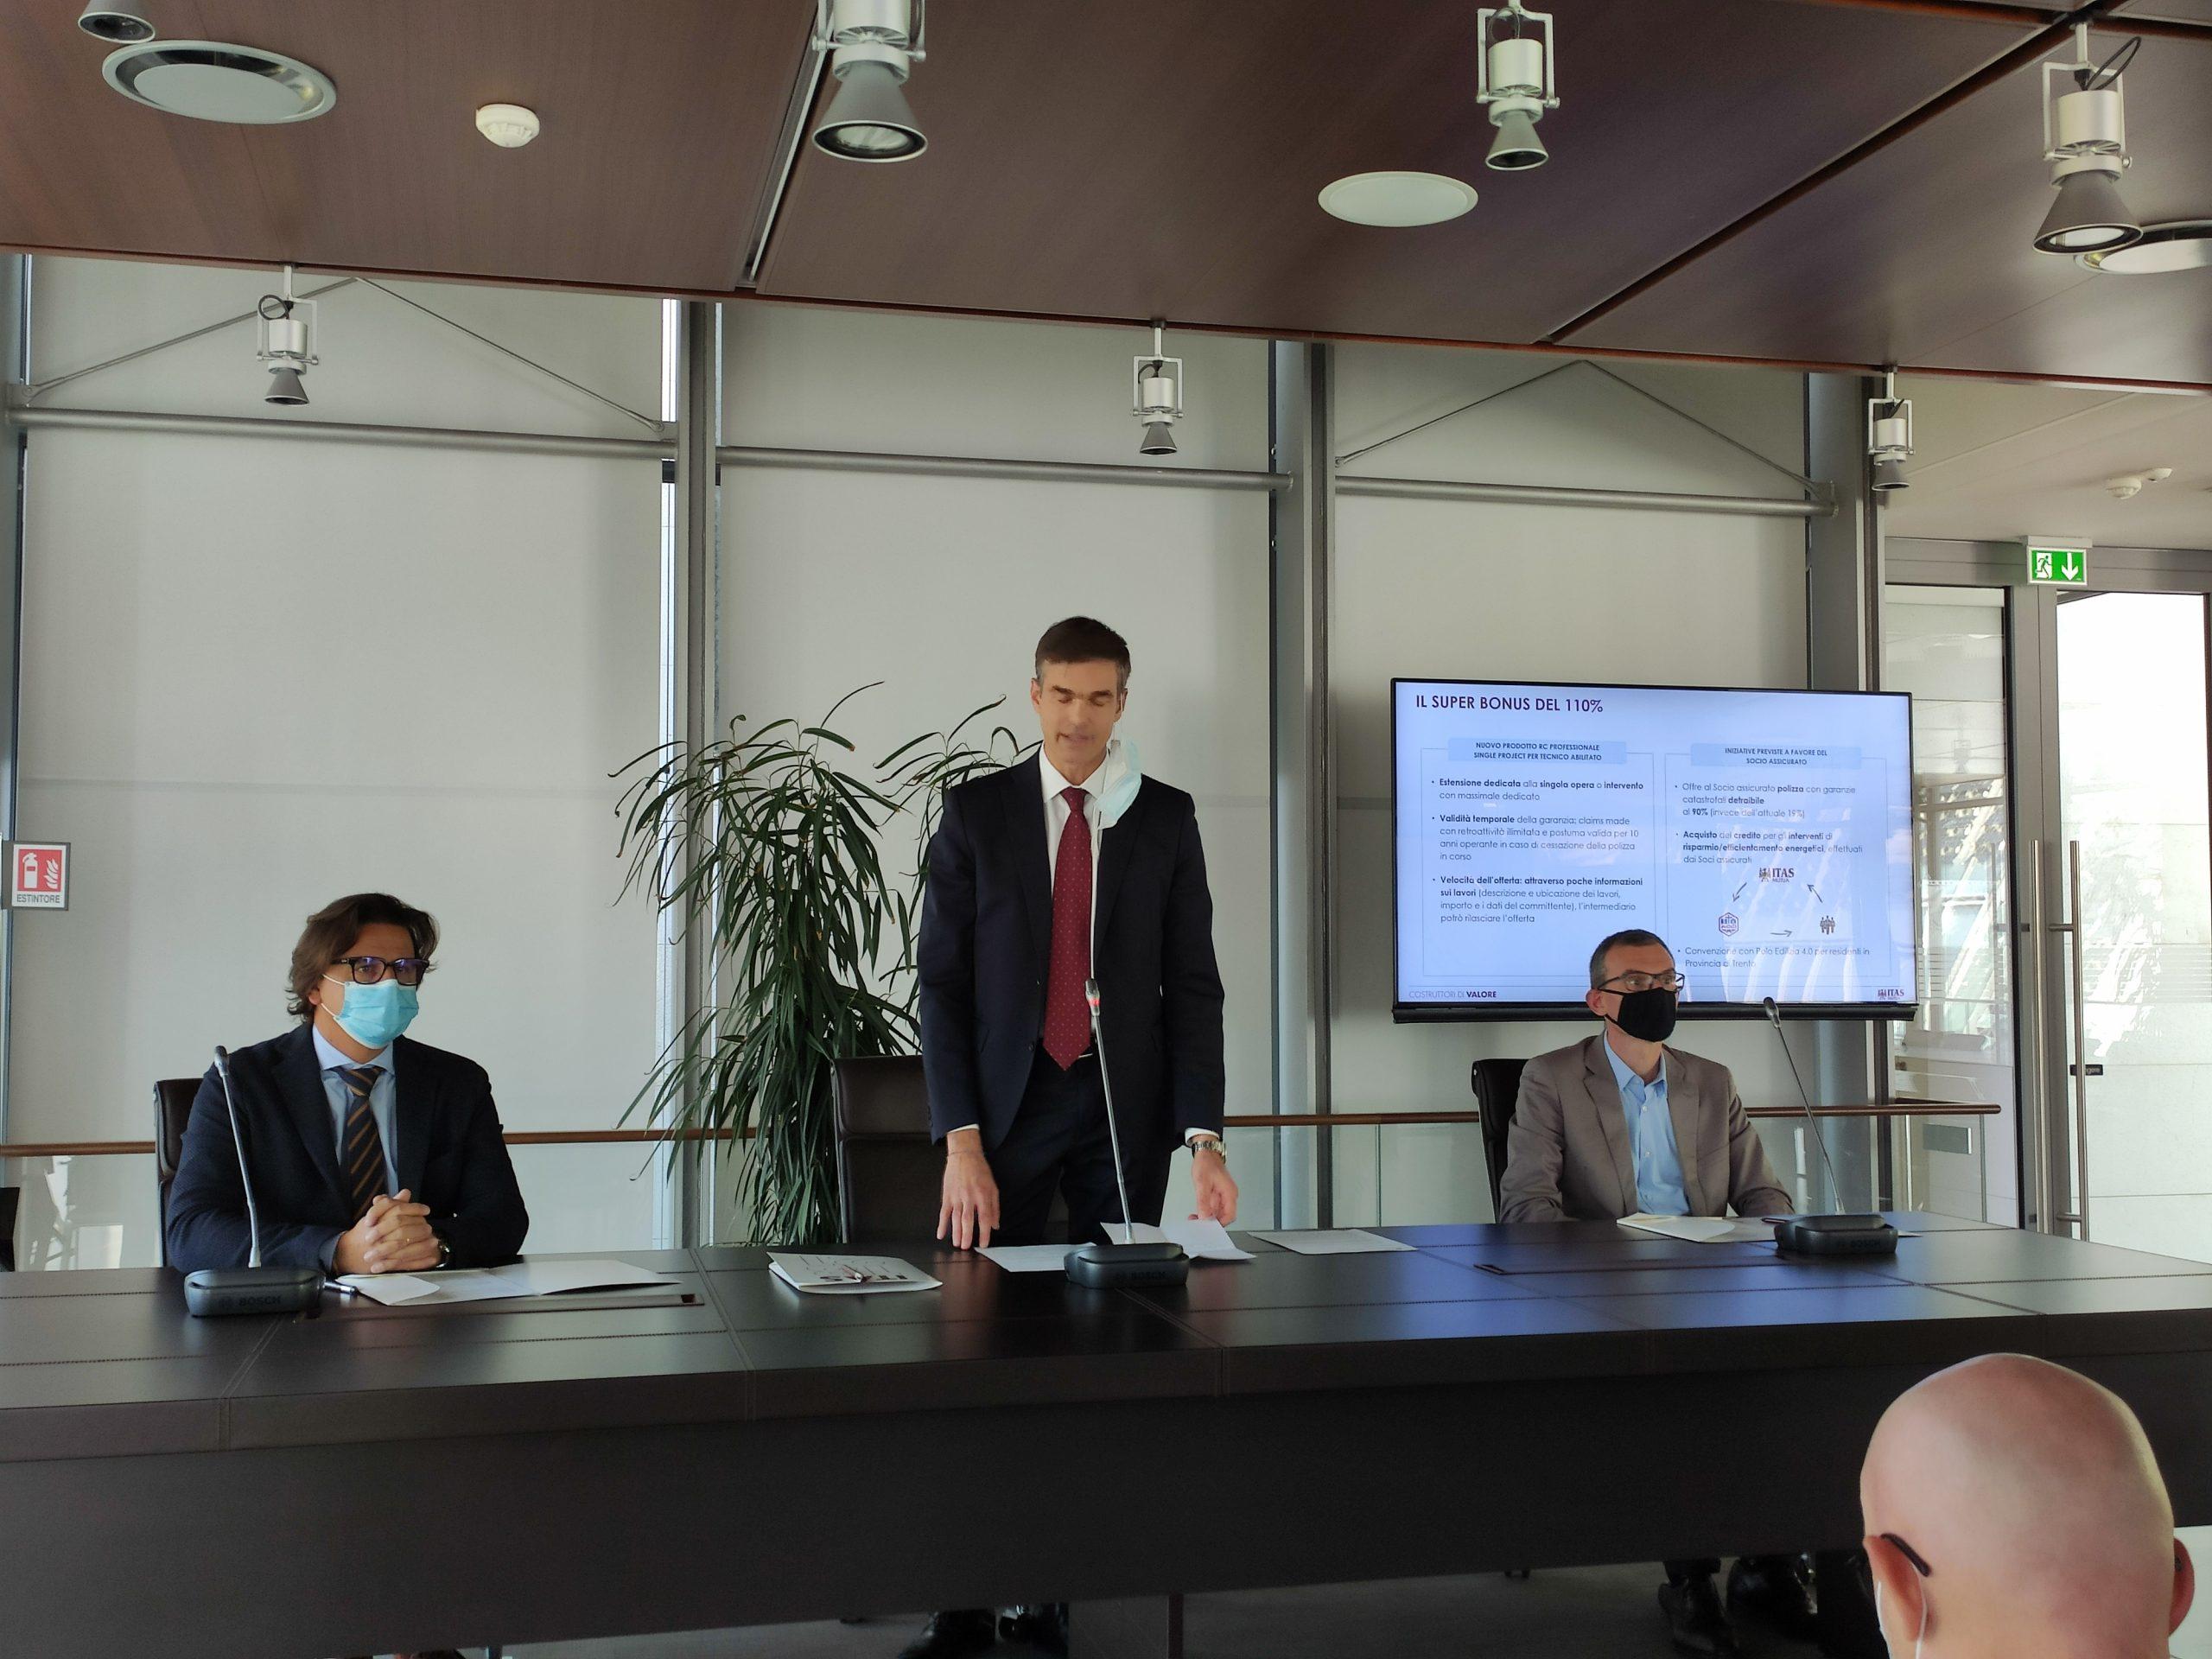 Itas, Acli e Polo Edilizia 4.0 firmano l'accordo sul superbonus 110%